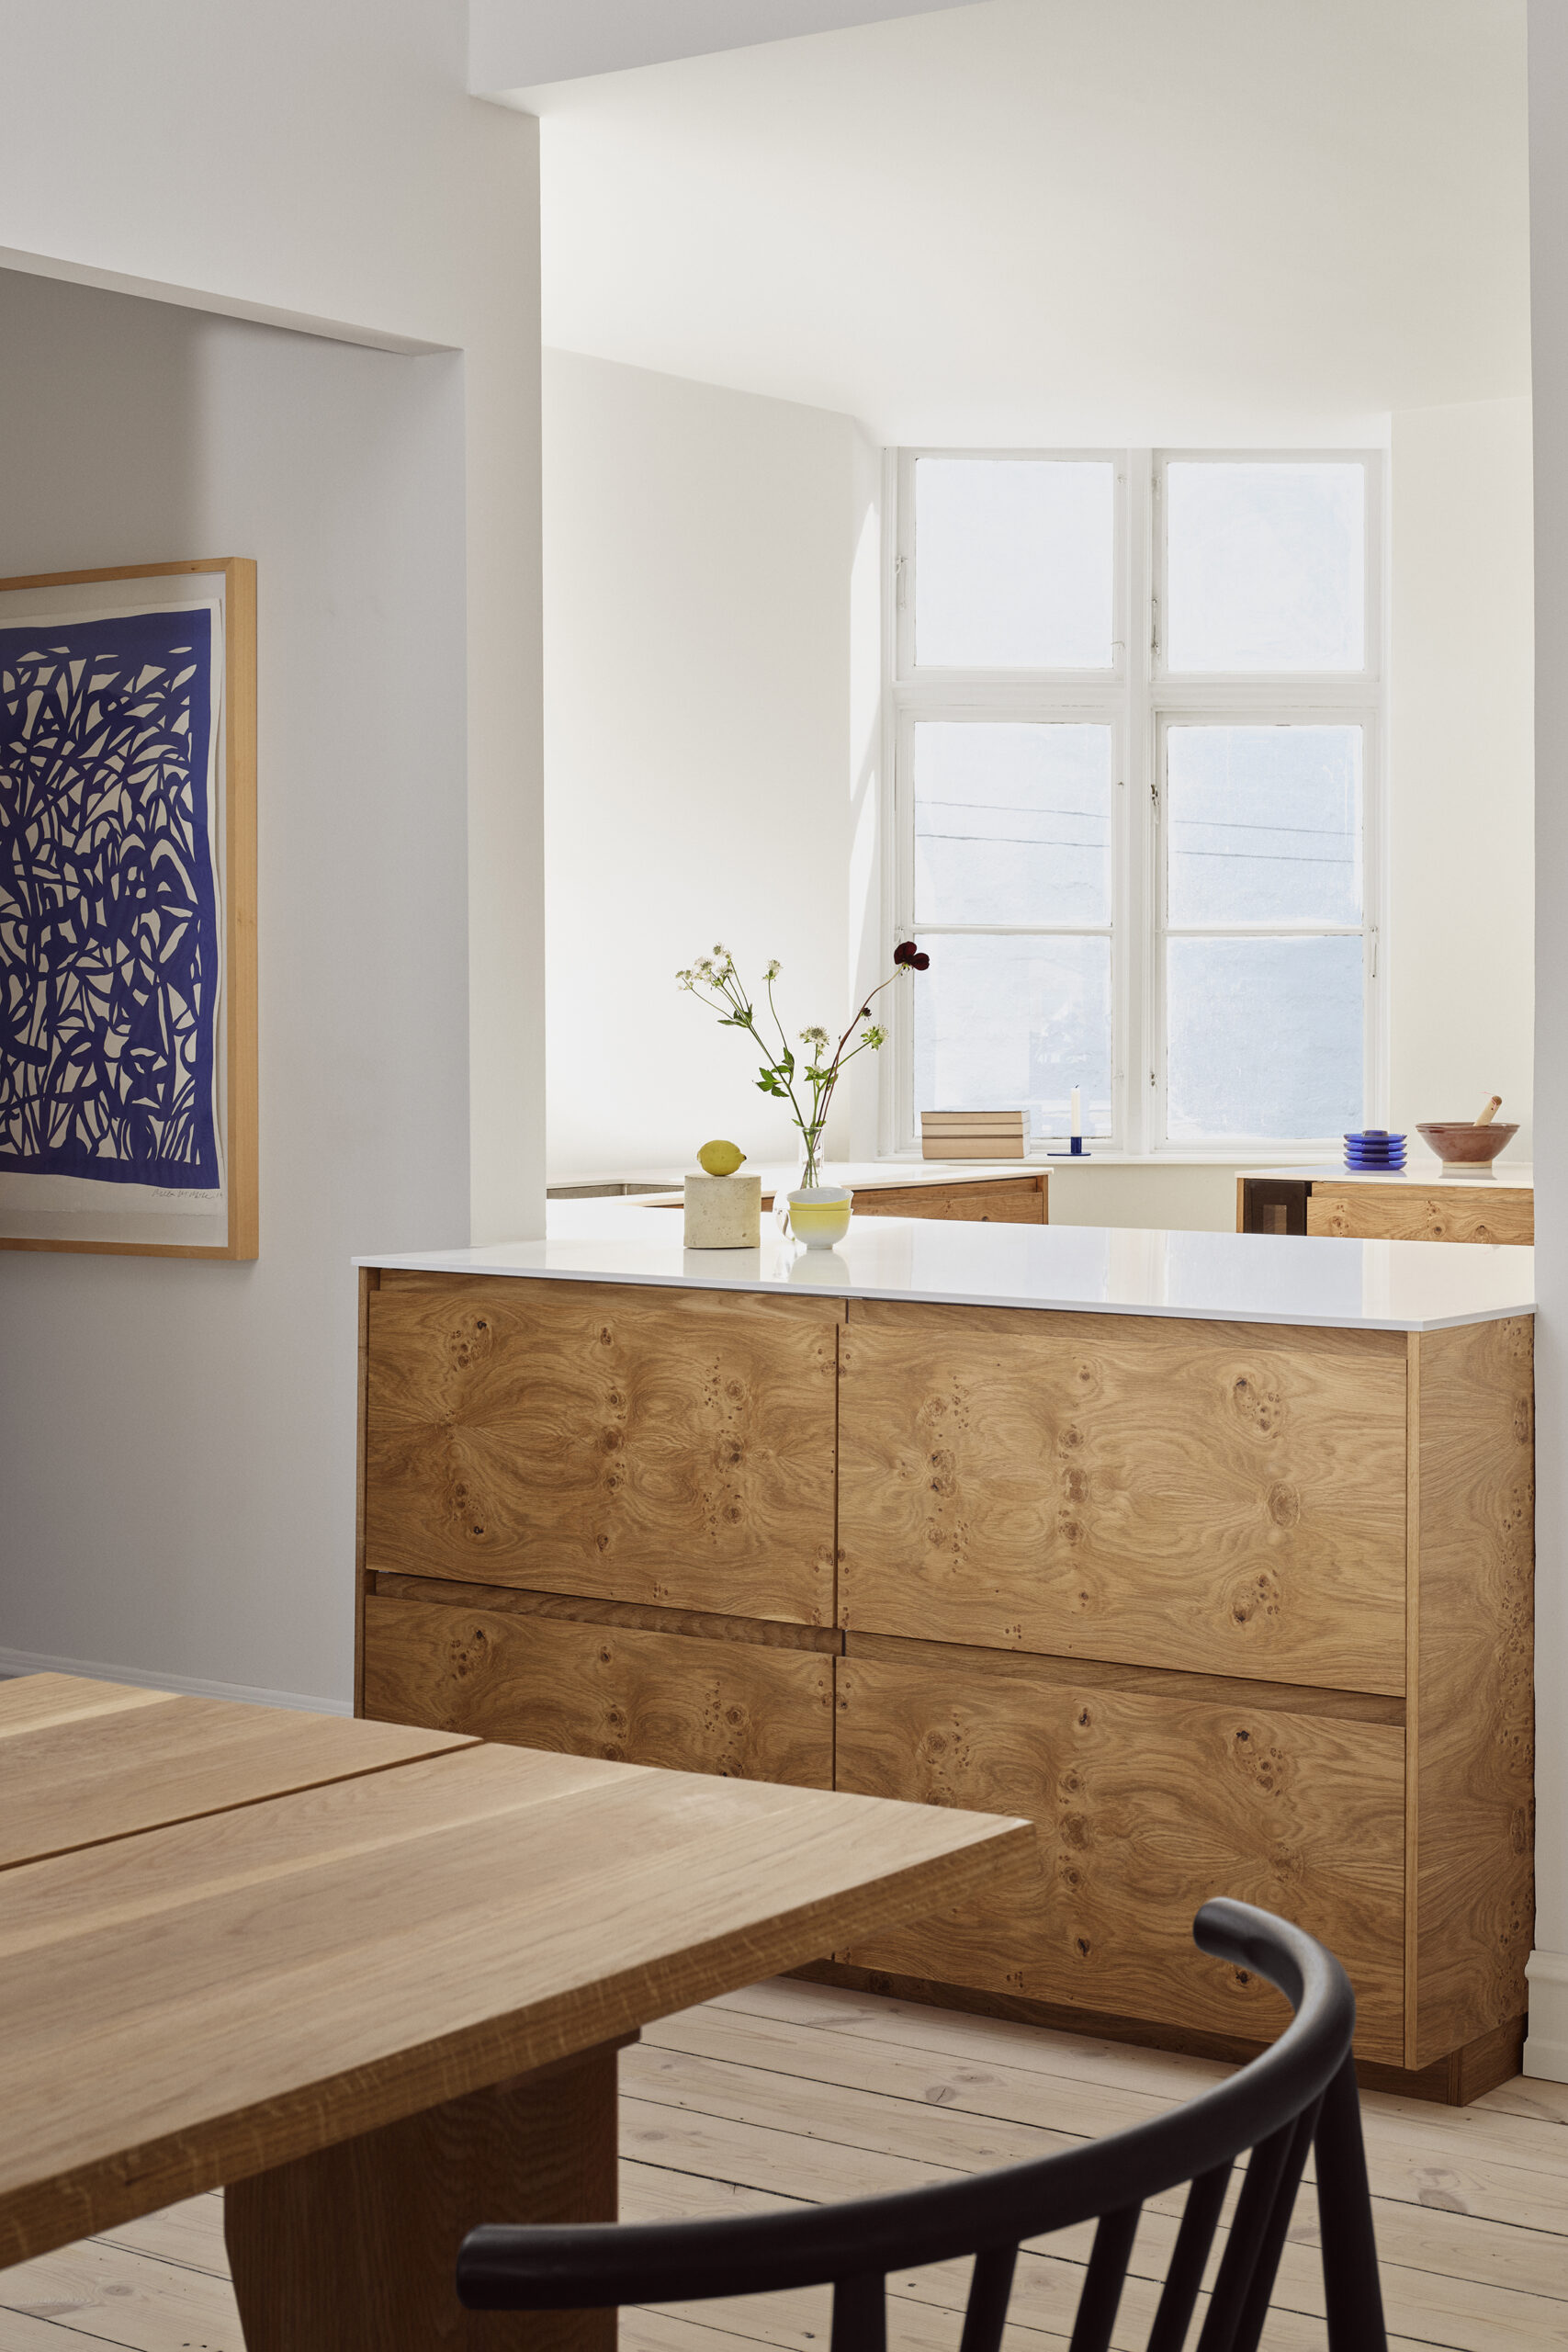 Knast eg køkkenfronter fra Arki Studio